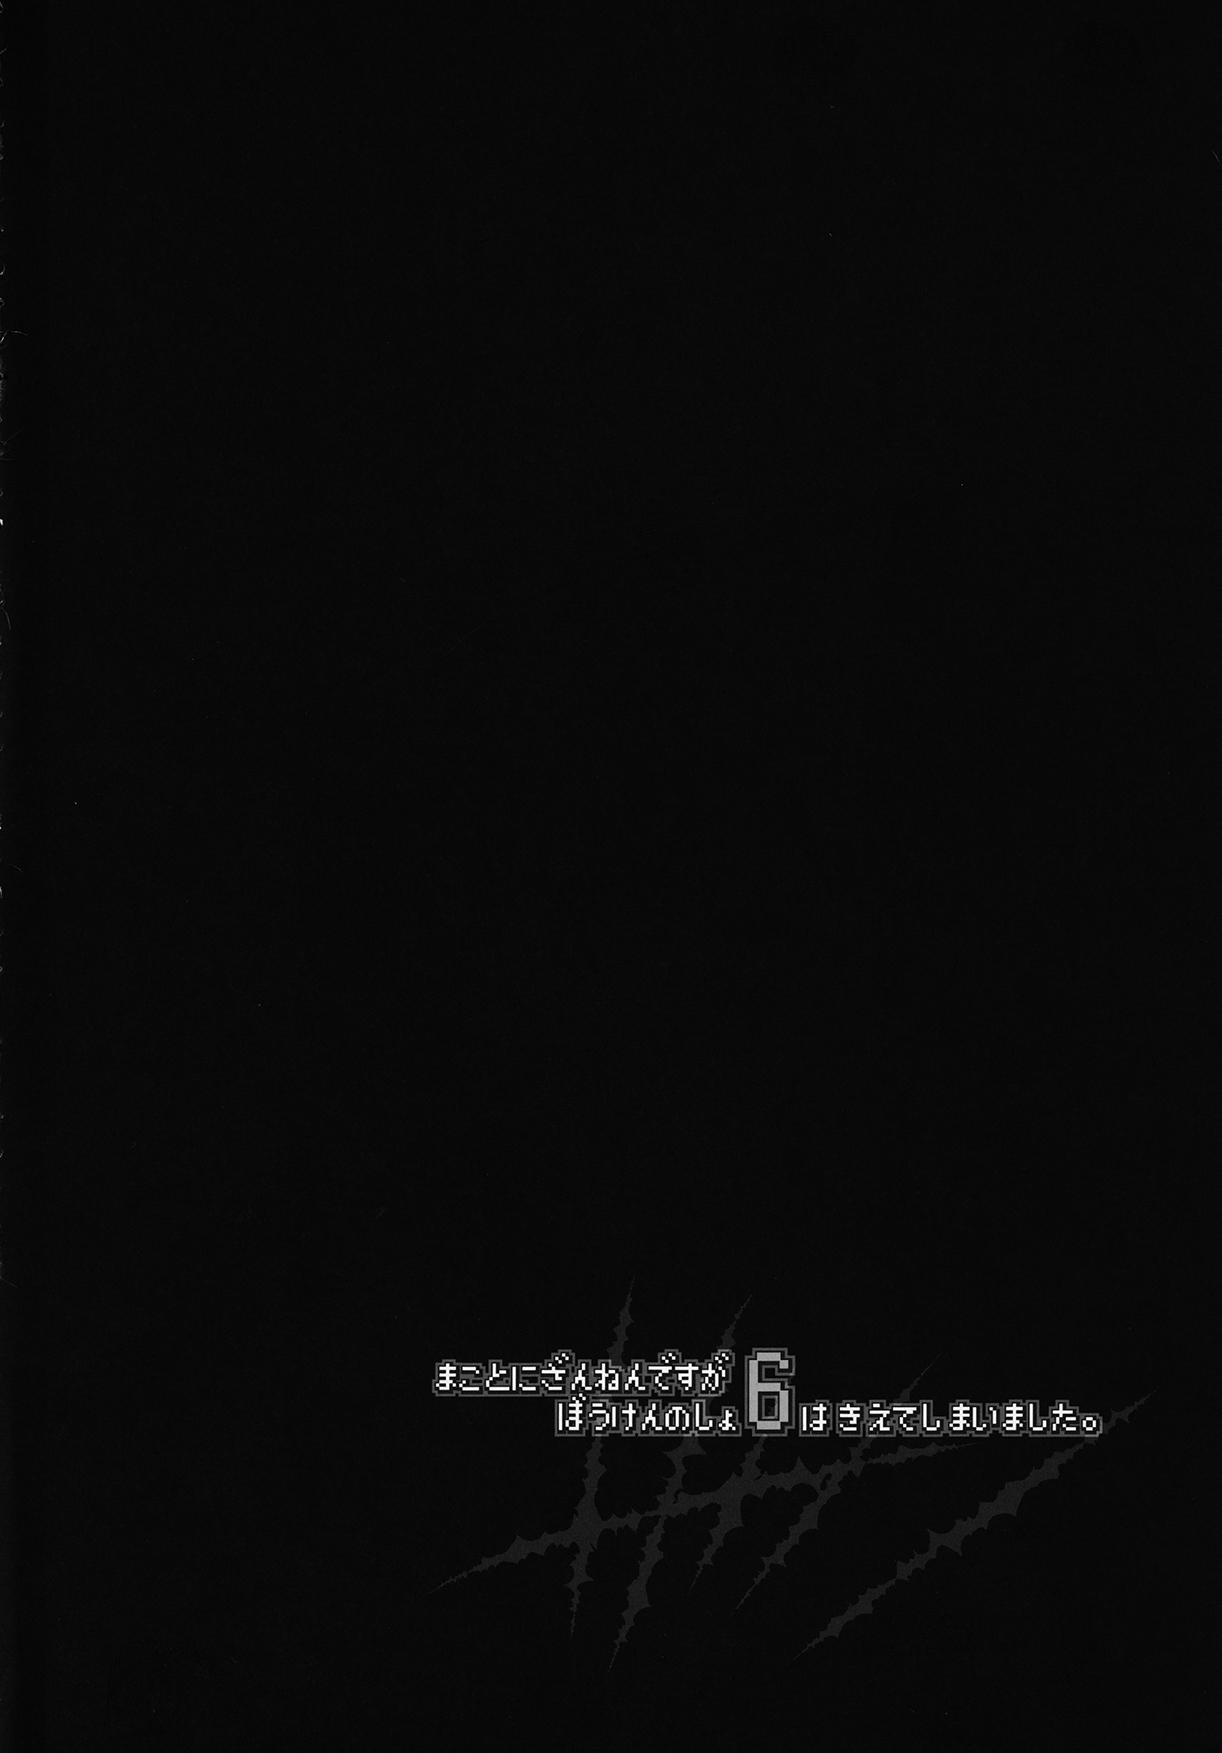 Makotoni Zannen desu ga Bouken no Sho 6 wa Kiete Shimaimashita. 2